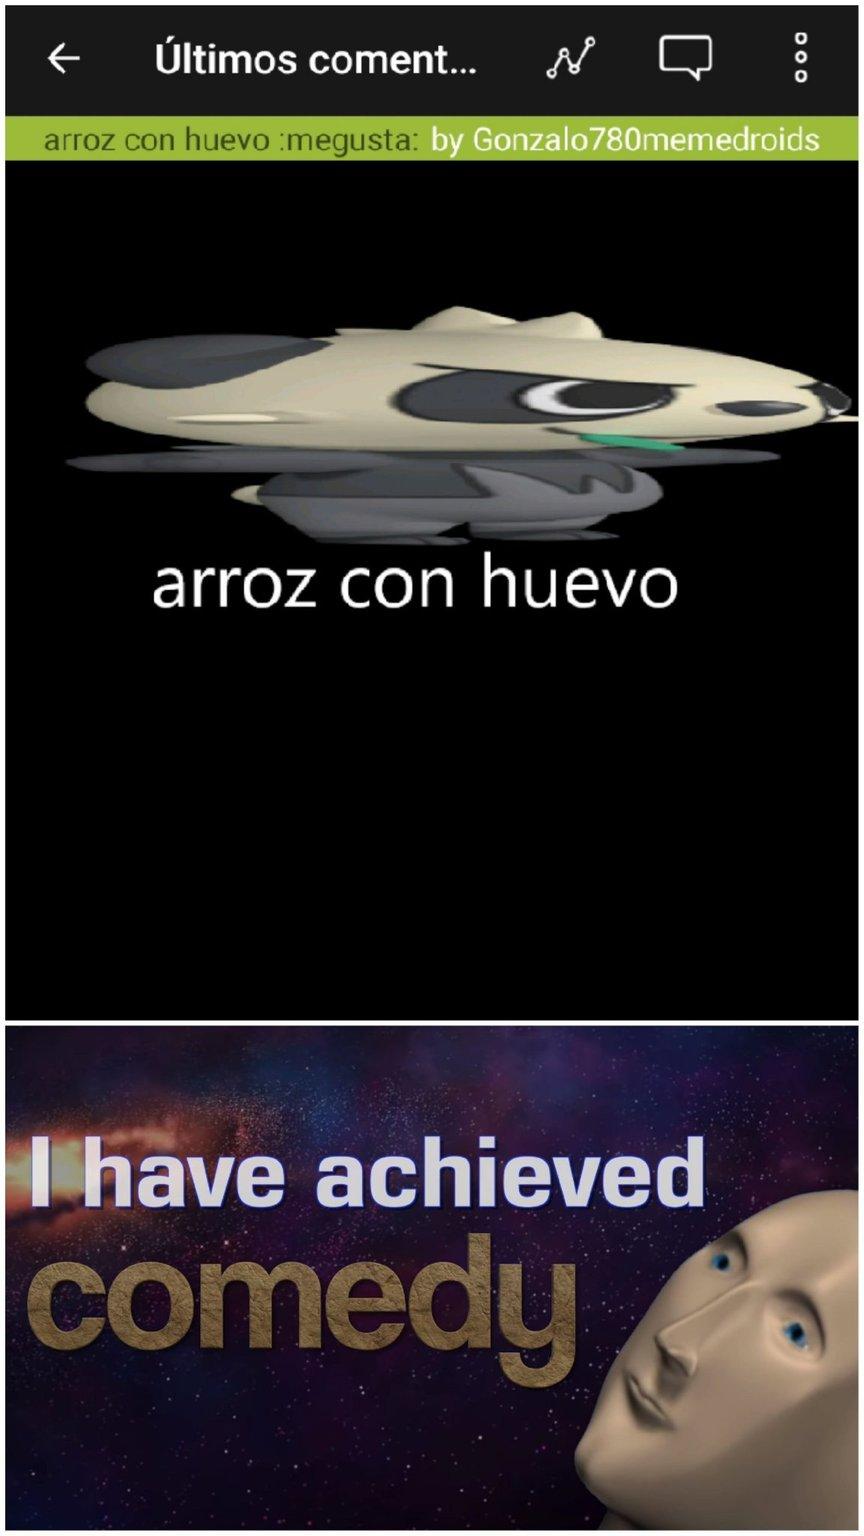 Creditos a QWIRK por la idea del Meme